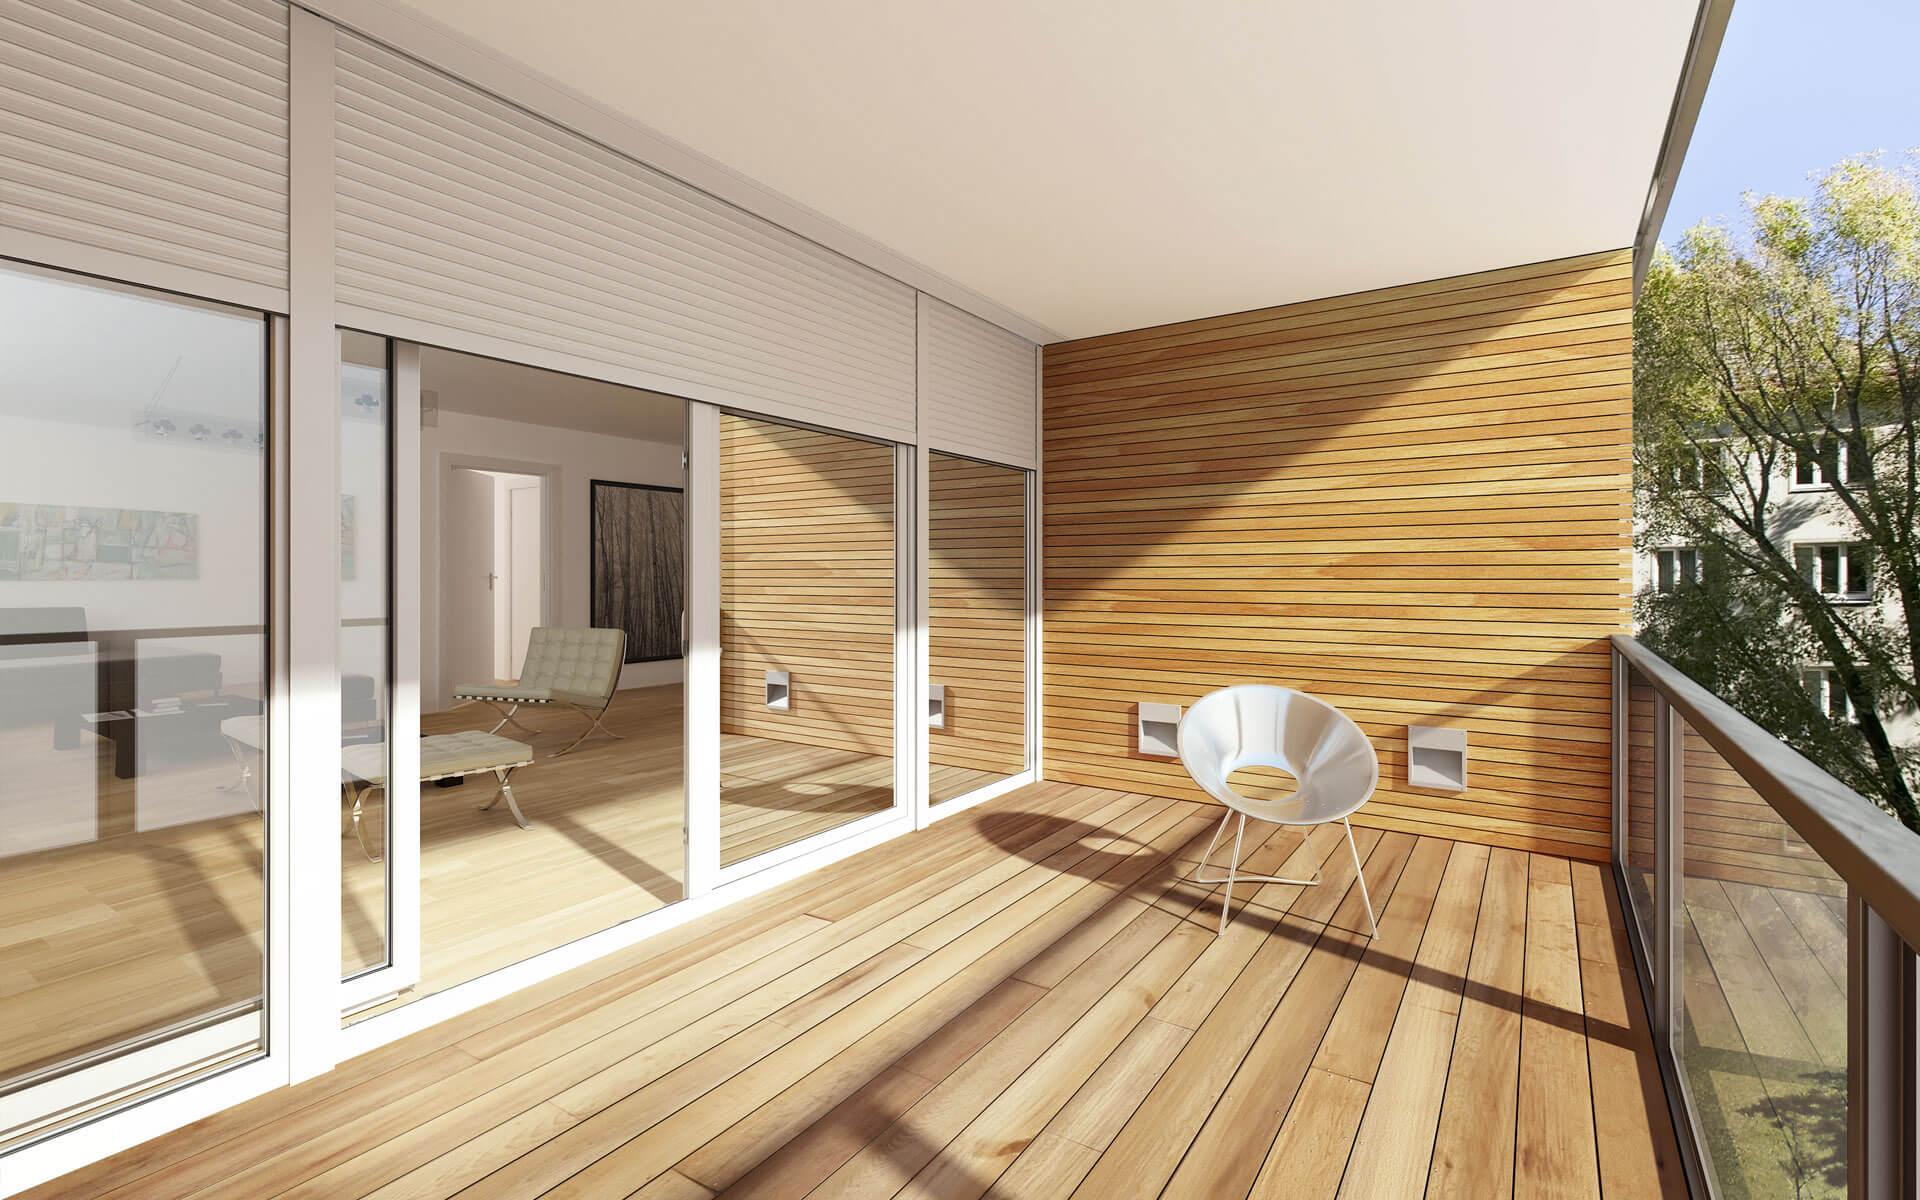 La migliore soluzione per proteggere la casa dal caldo all'esterno sono delle moderne tapparelle in pvc